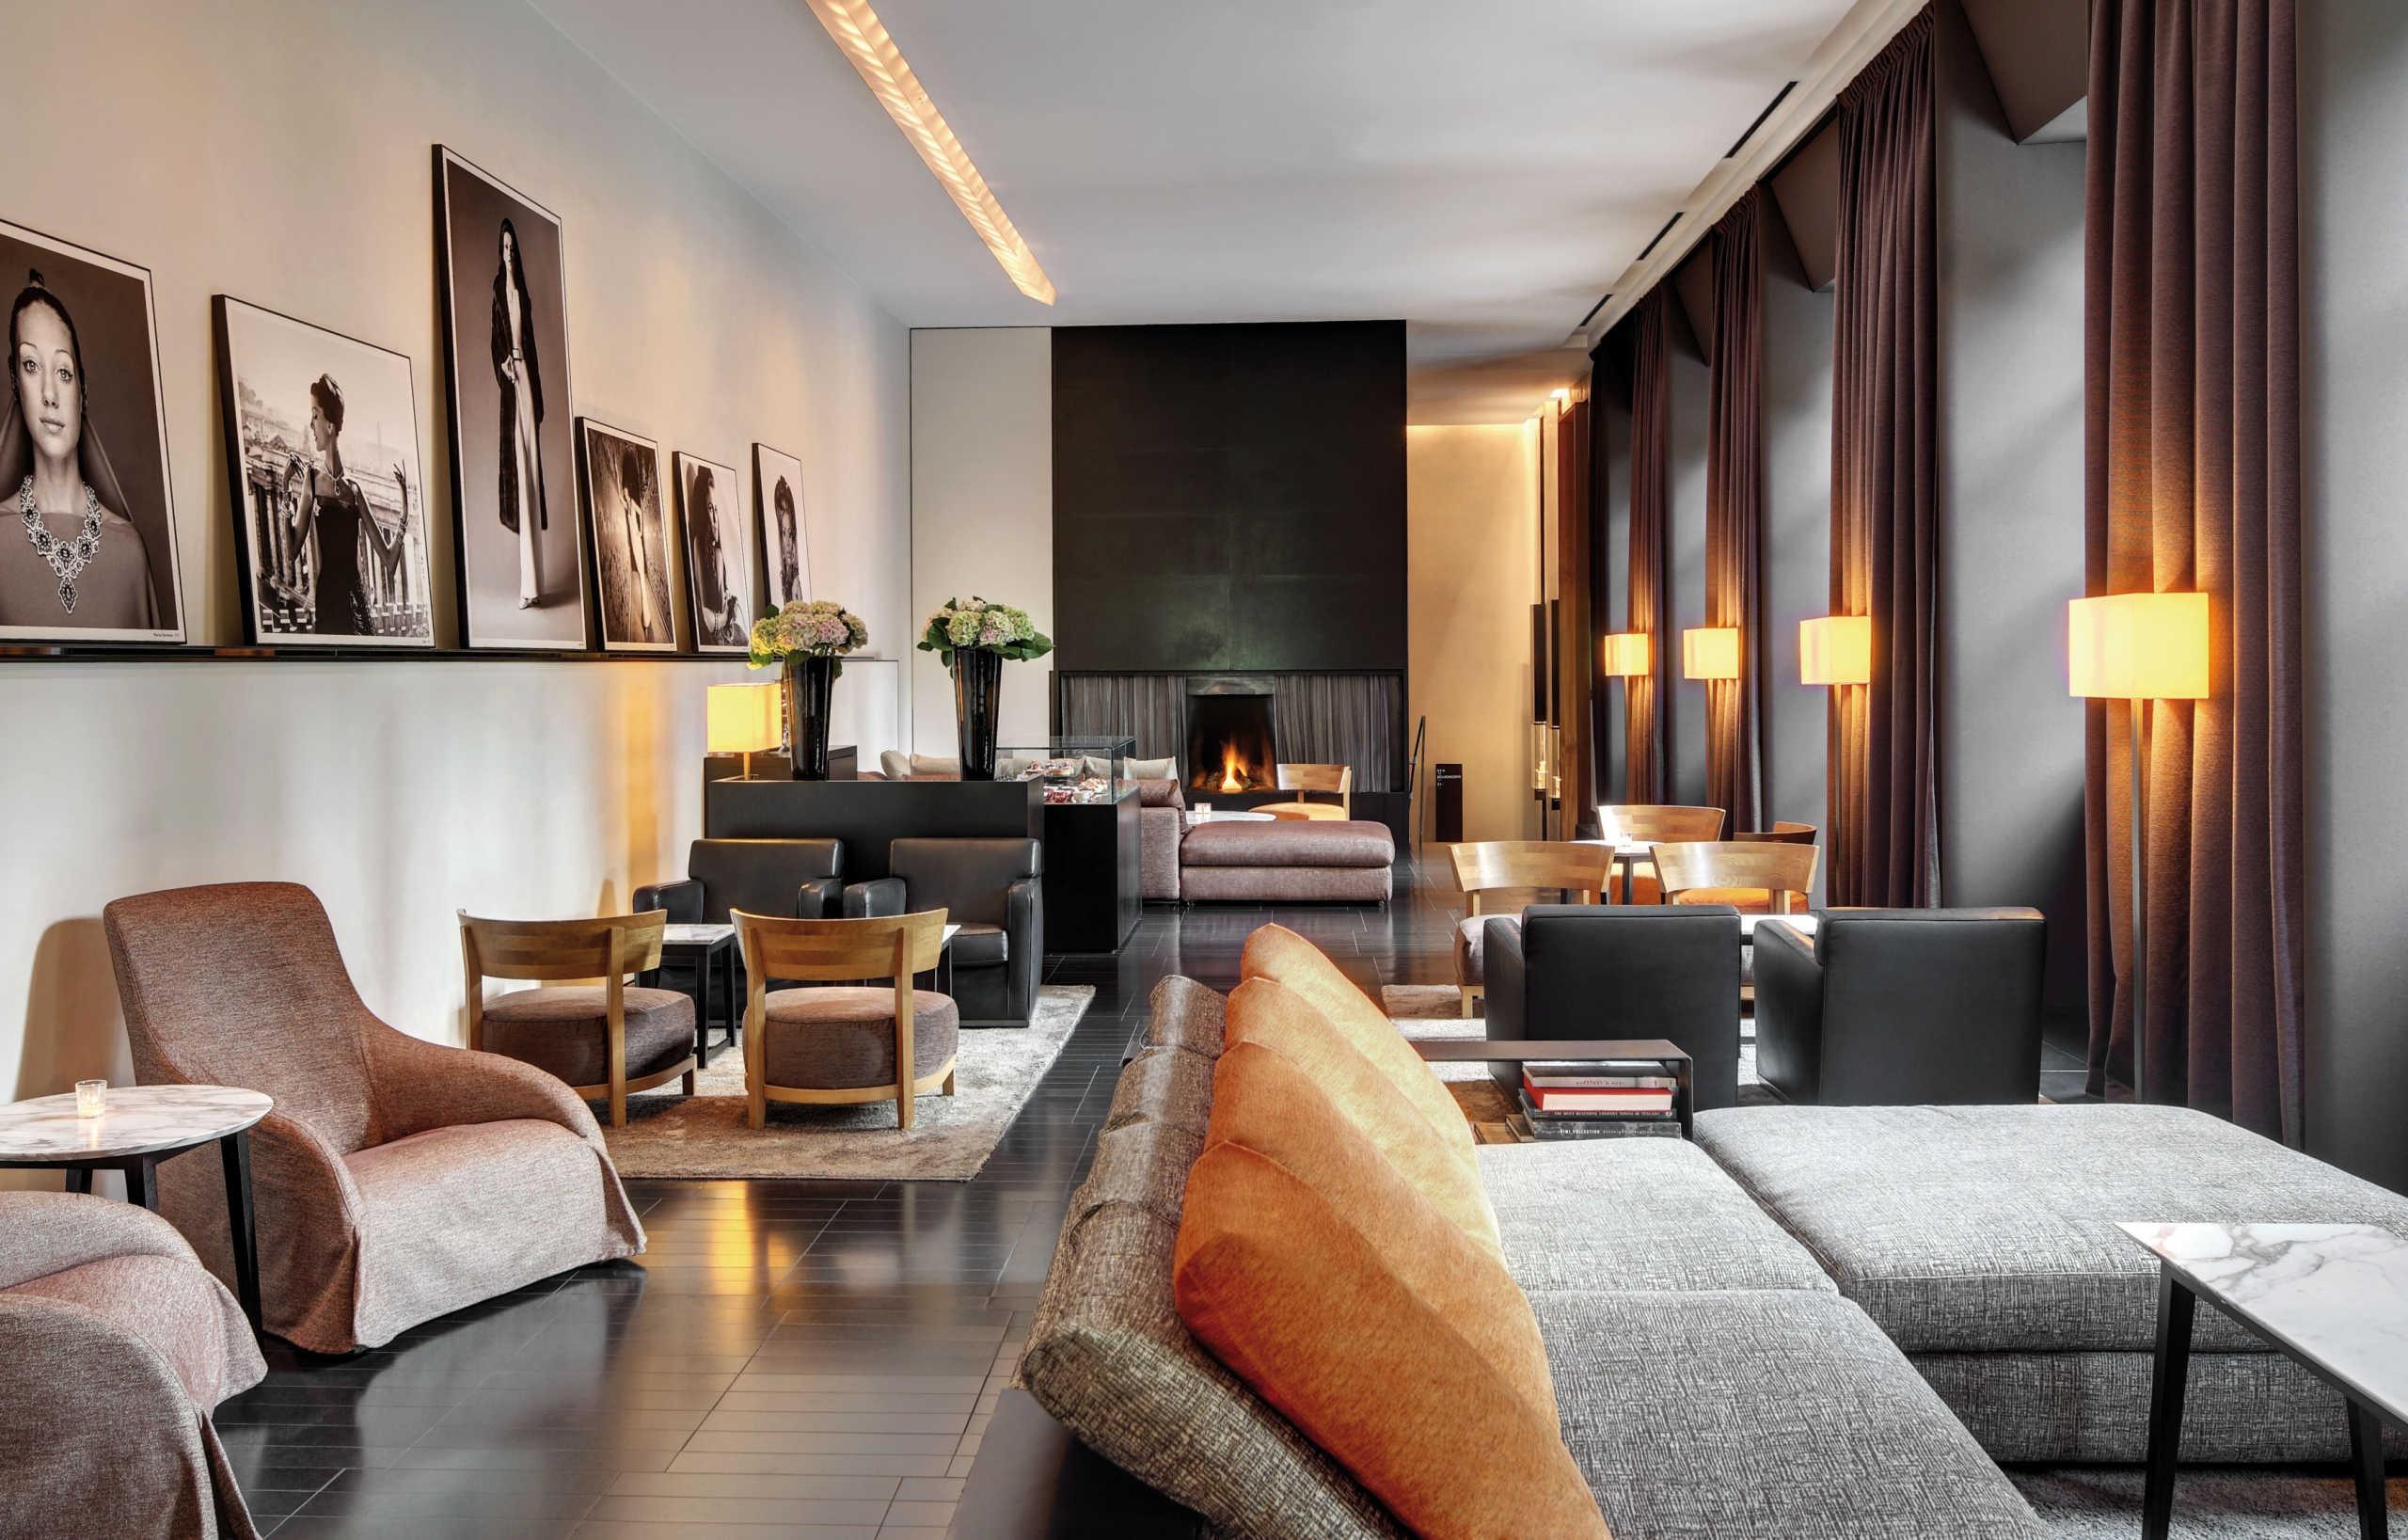 Courtesy Bvlgari Hotels